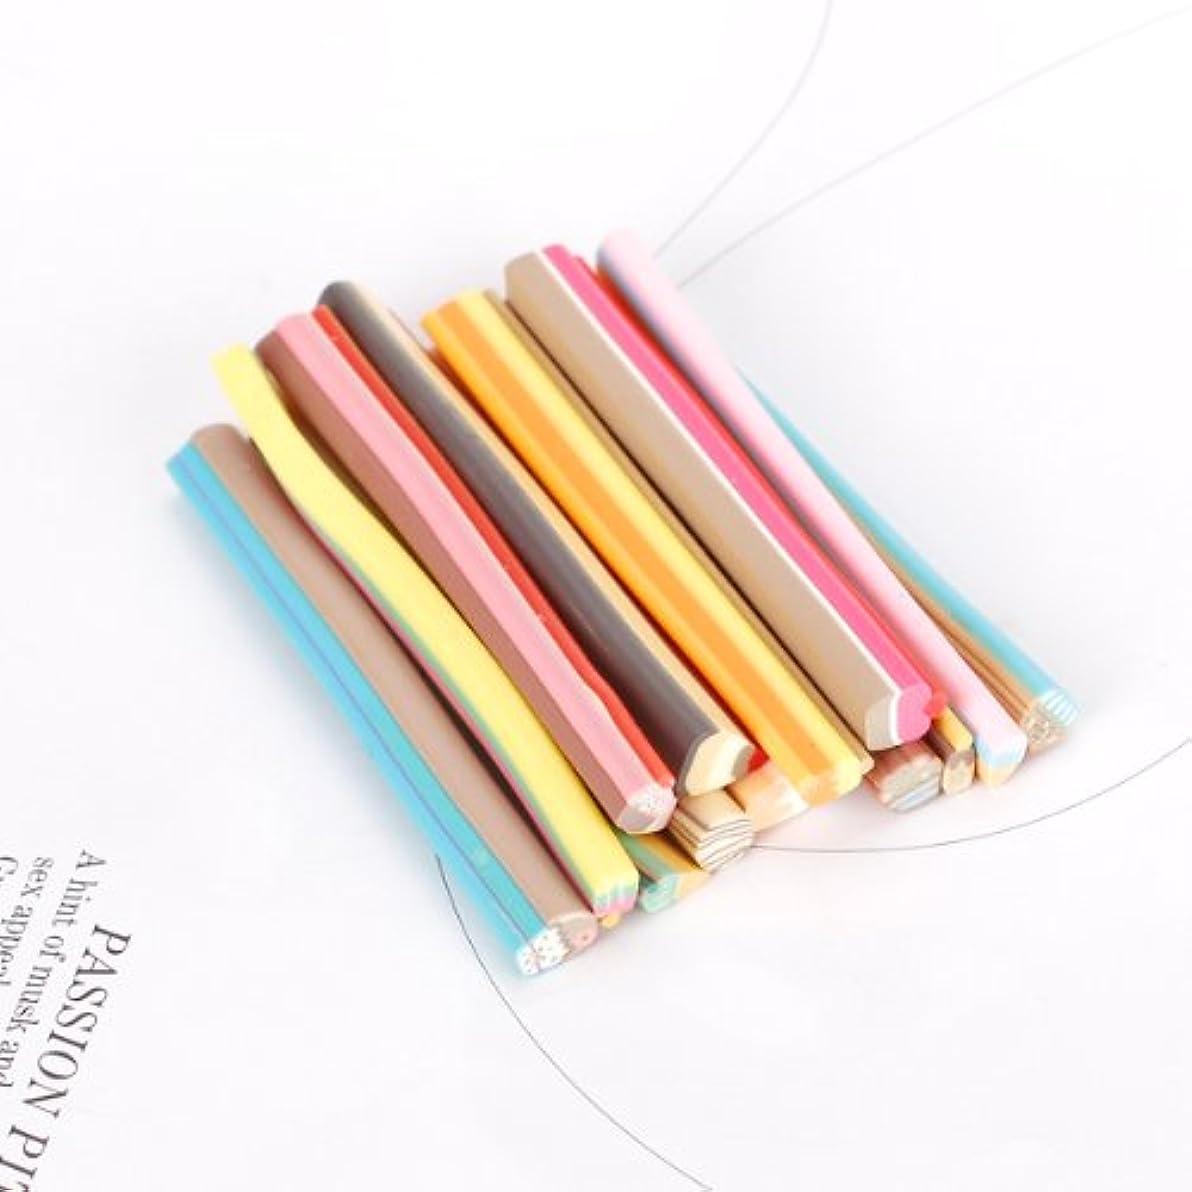 14本セット スライス棒 ネイルフルーツ棒 ネイルパーツ 樹脂粘土 カット ネイル デコ用